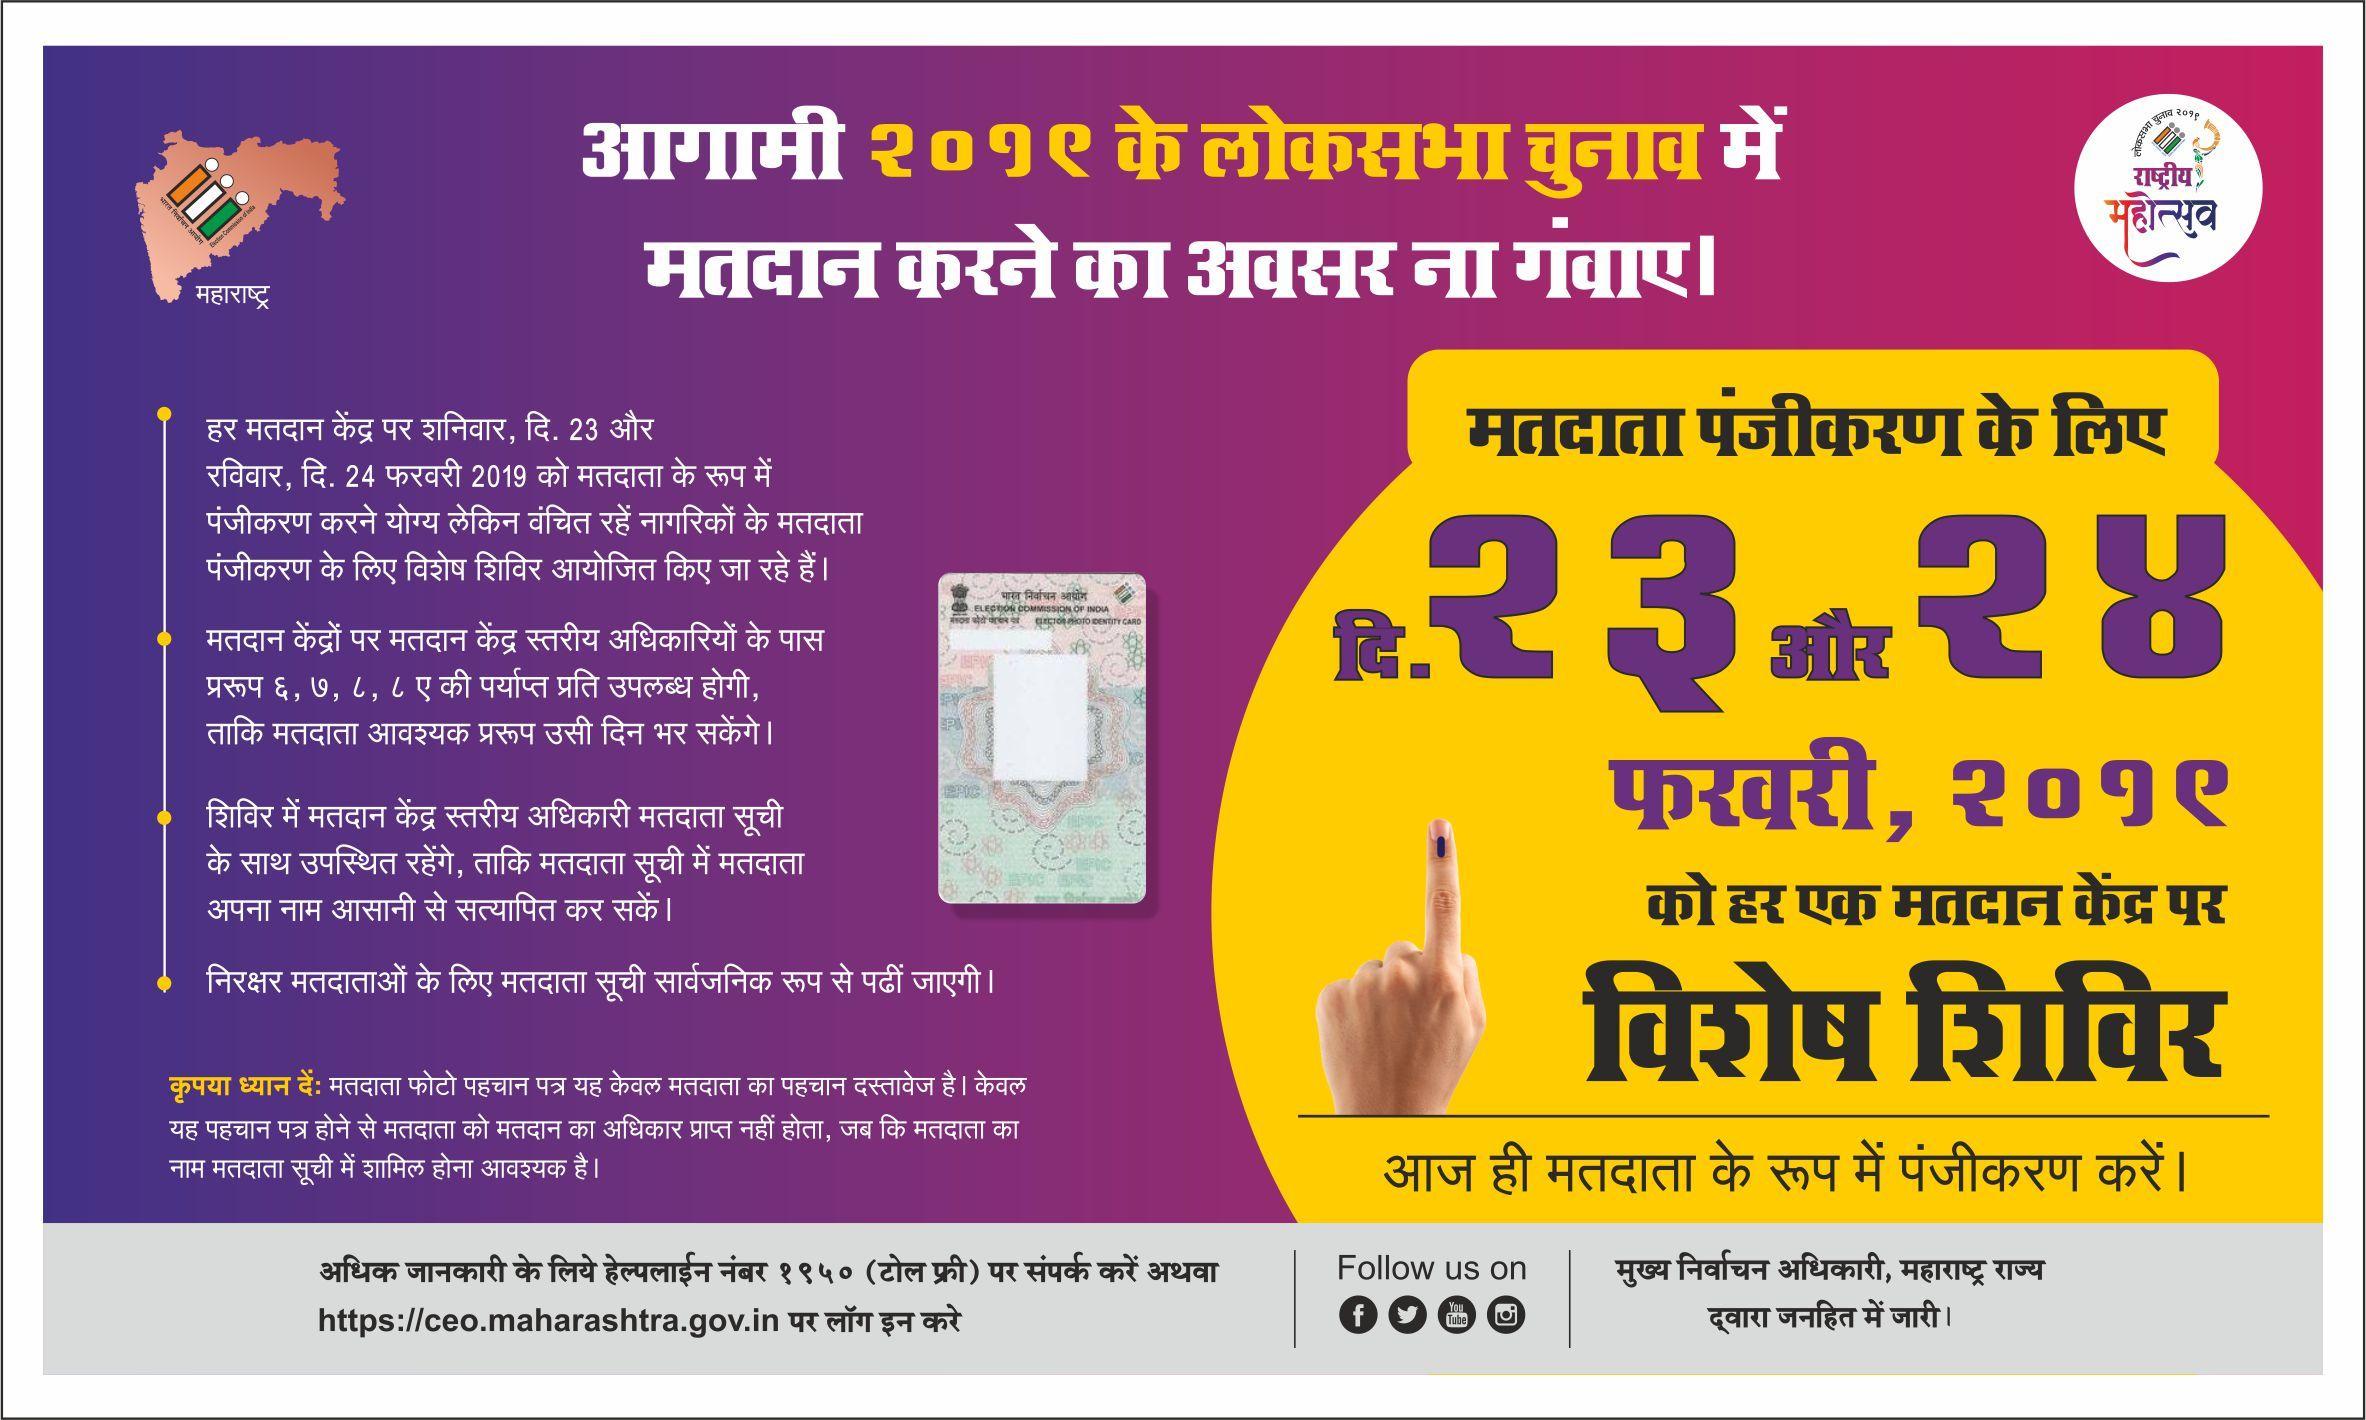 Hindi 20 x 12.jpg